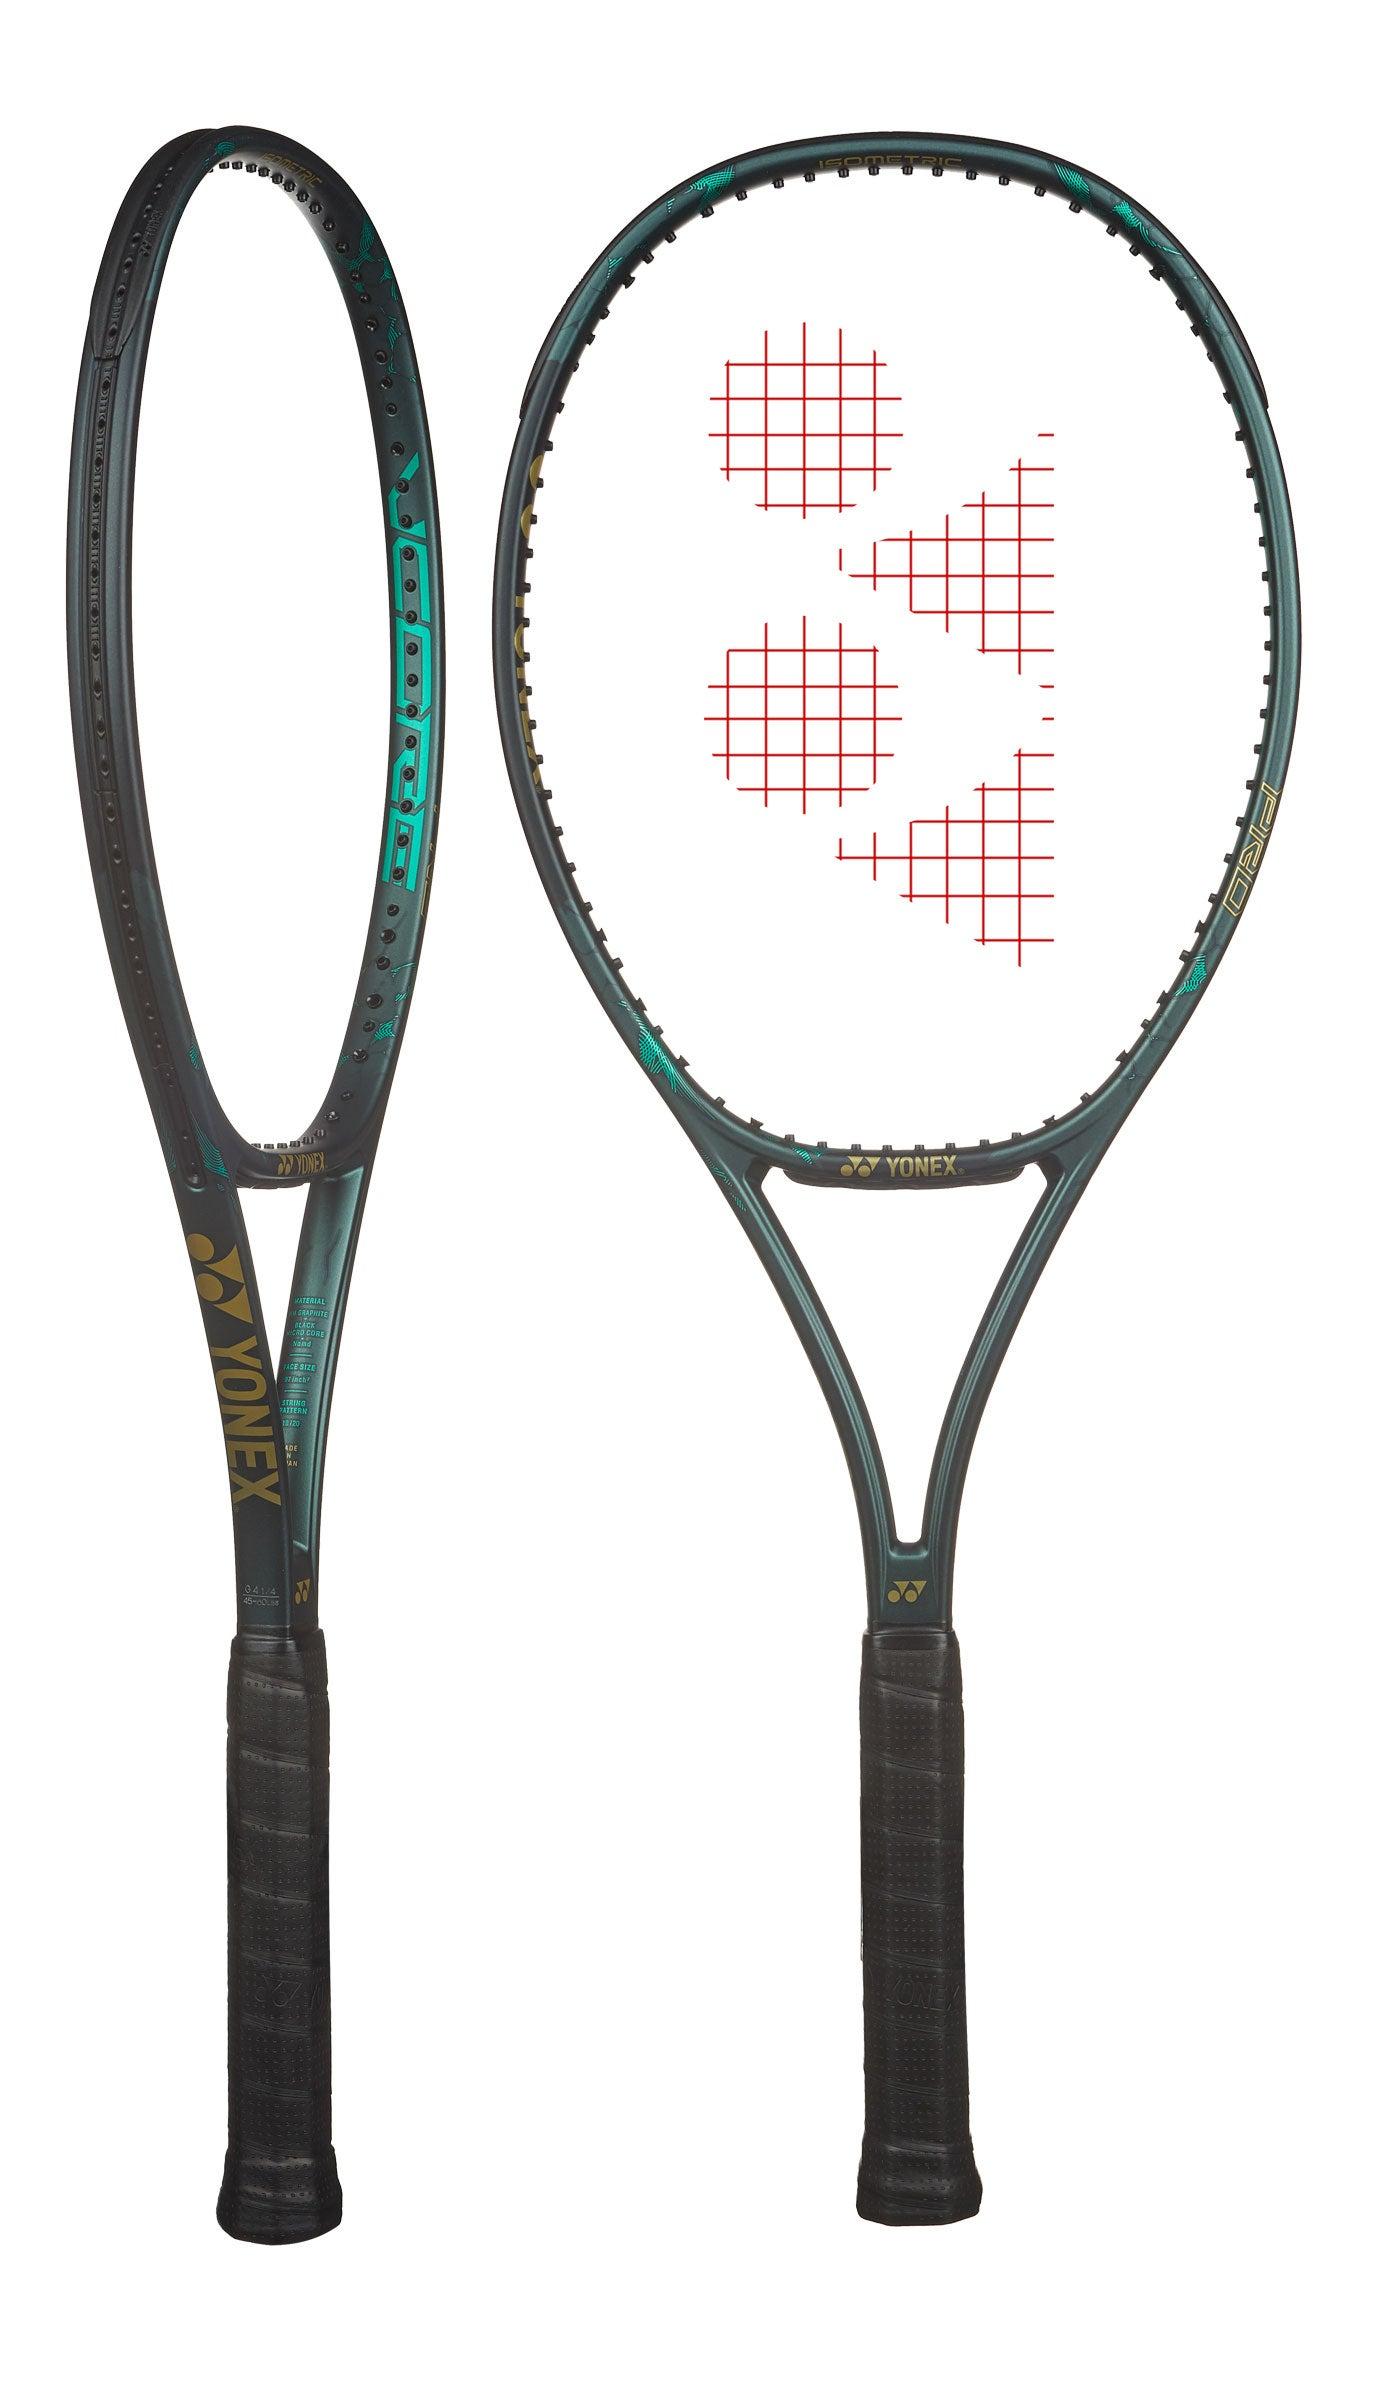 Beach Tennis Racquet White Carbon Plus Vision Pro 49cm